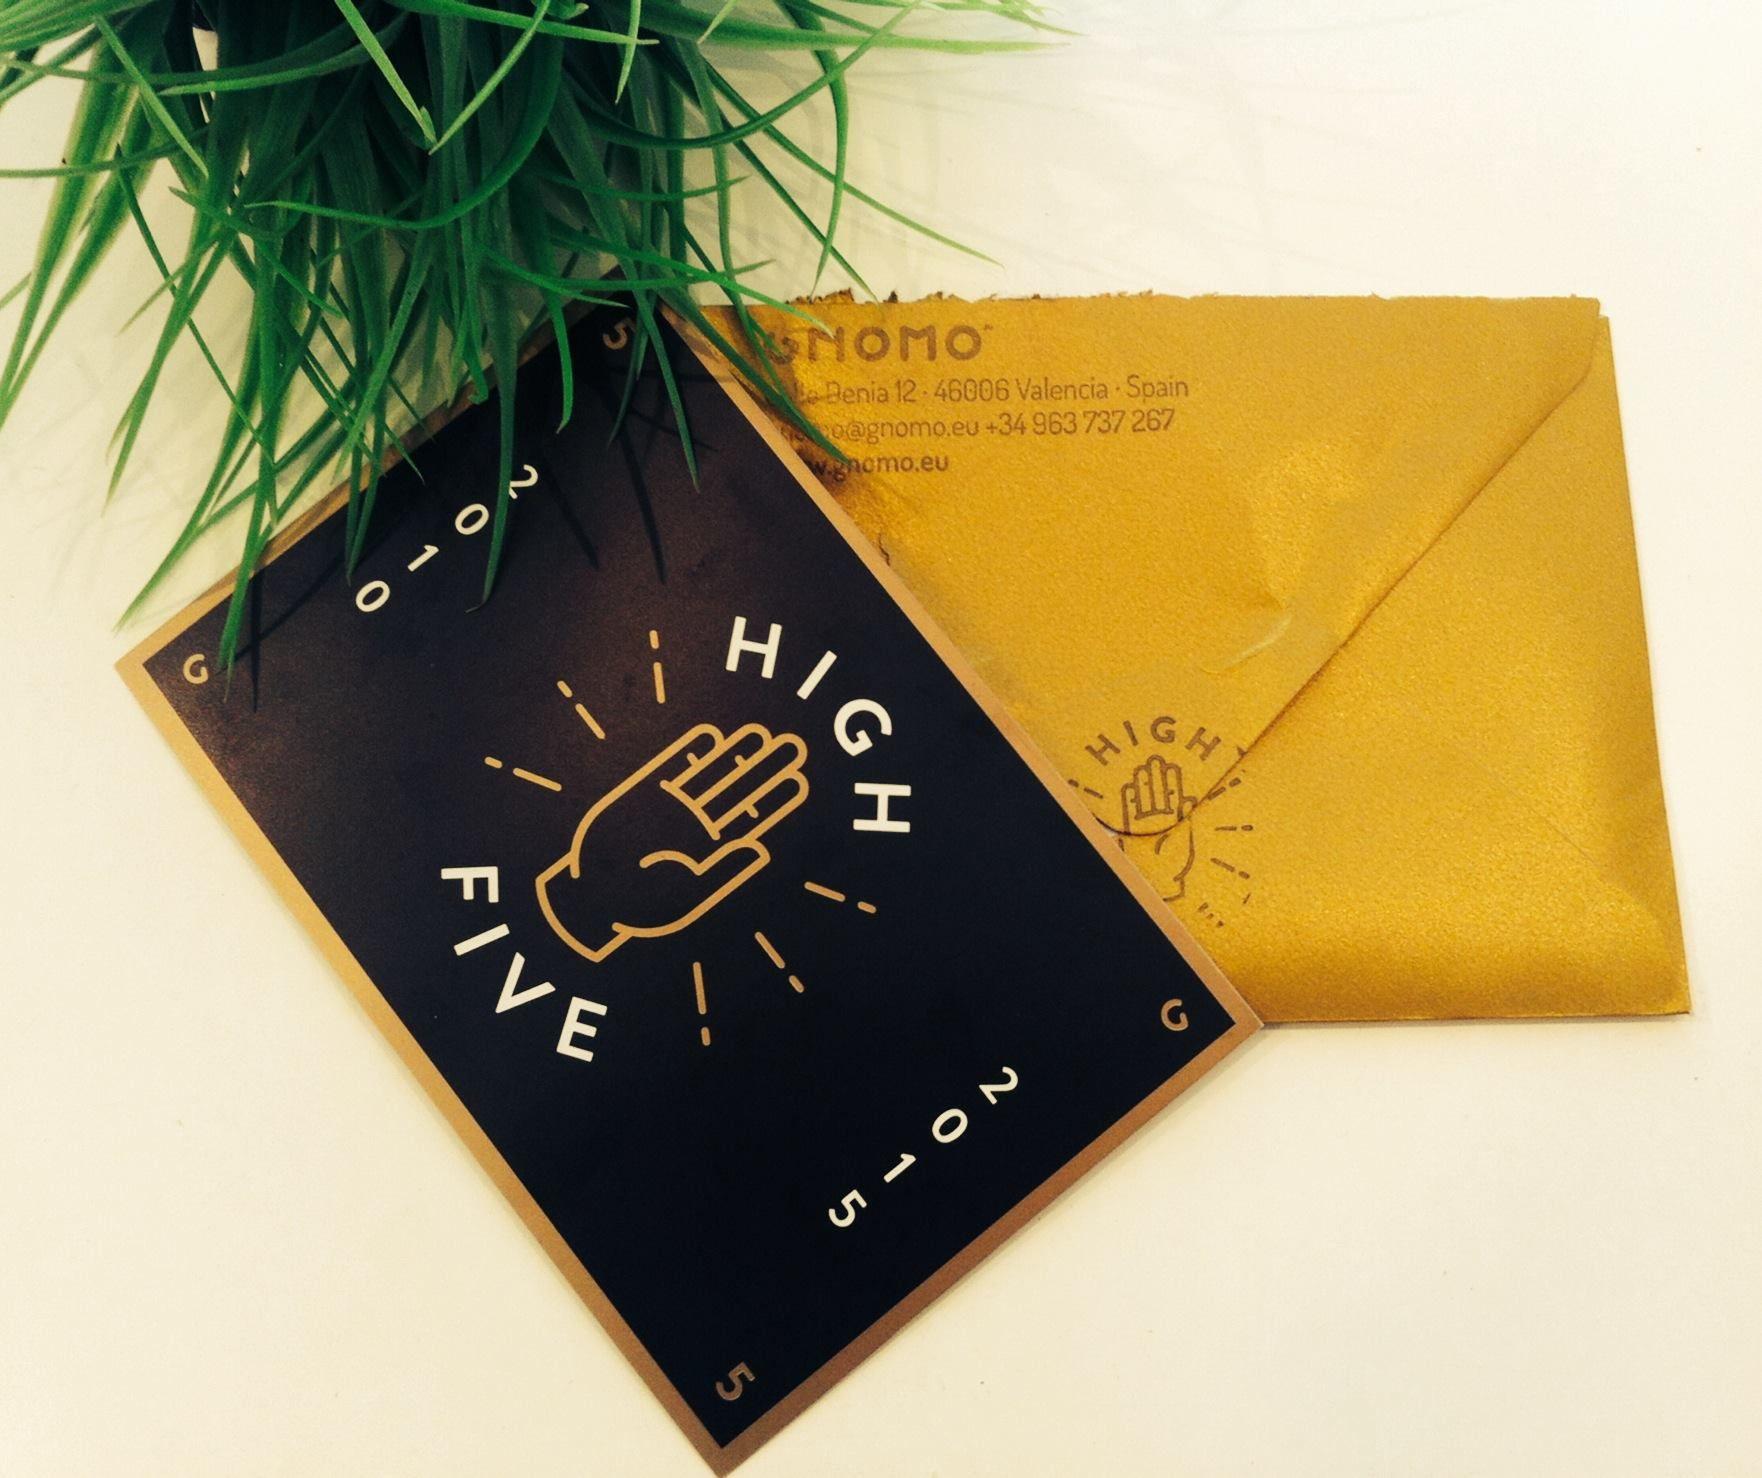 ¡¡Un gran aniversario se acerca, y estamos impacientes!! ¡Juntar la genialidad de :: gnomo :: con la magia de merienda | estudio creativo solo puede traer maravillas! Y si encima la invitación viene con sobre dorado... :)